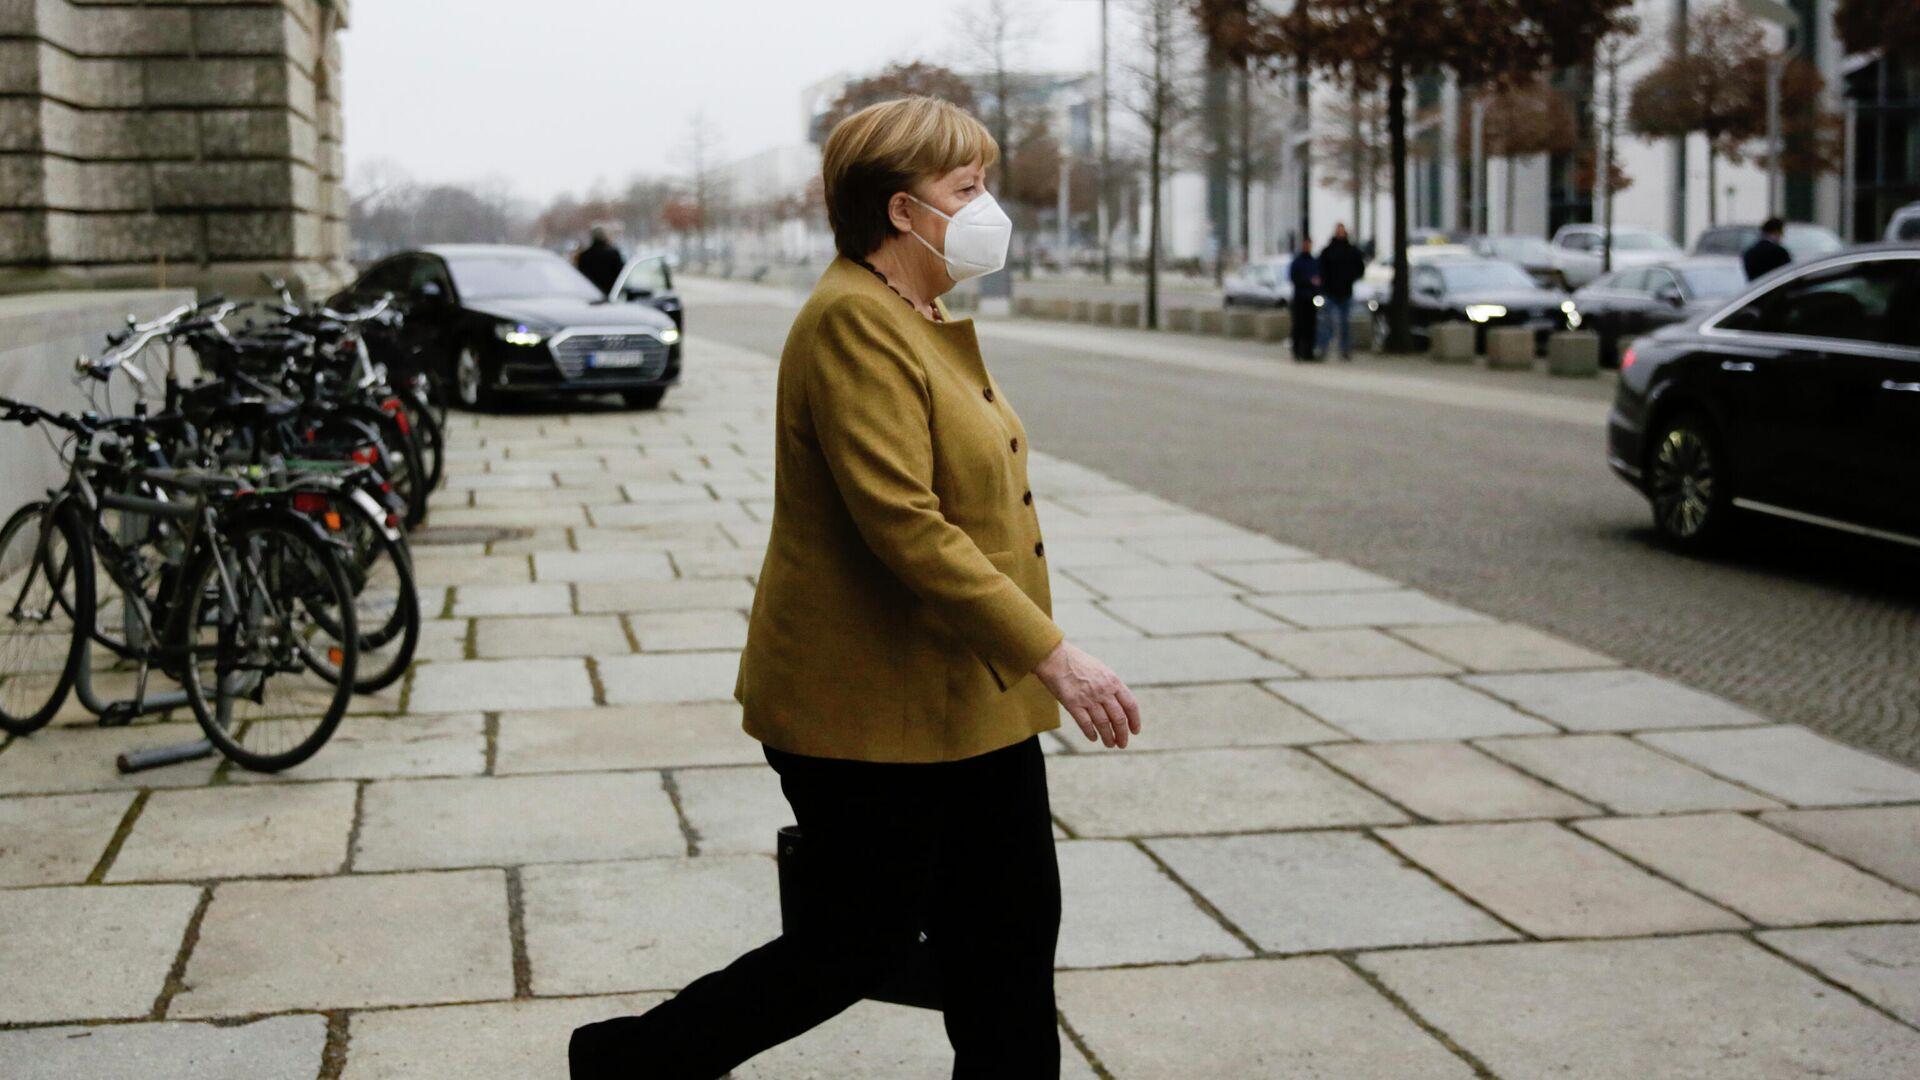 Канцлер Германии Ангела Меркель выходит из здания парламента в Берлине  - РИА Новости, 1920, 08.05.2021